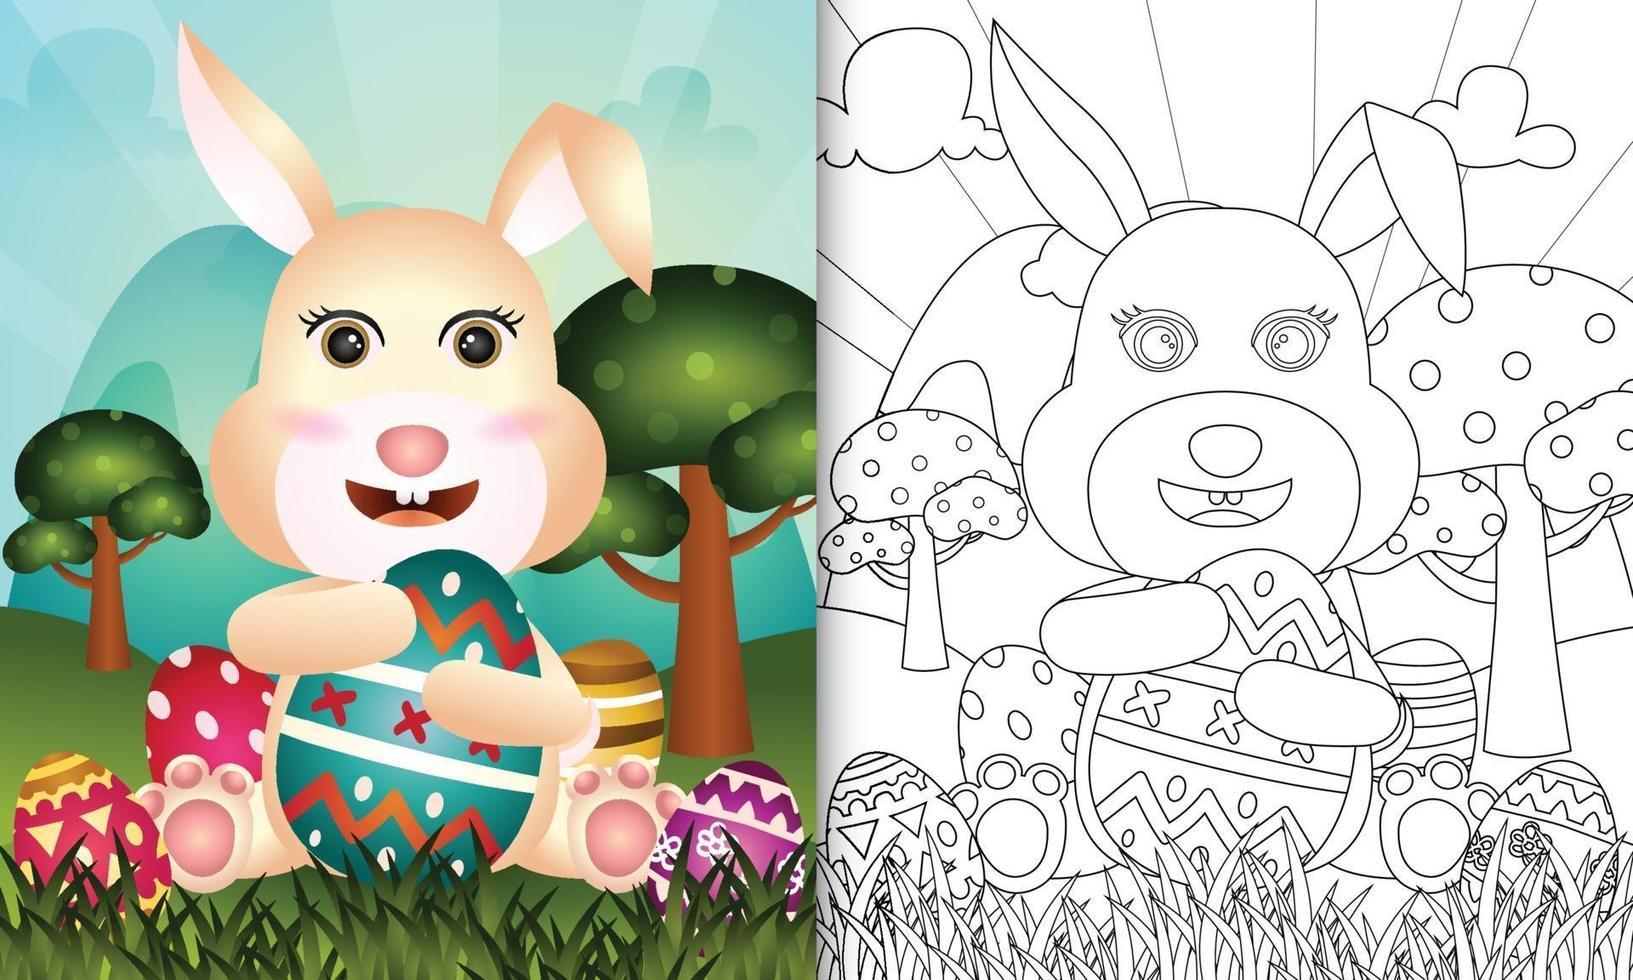 livre de coloriage pour les enfants sur le thème joyeuses pâques avec illustration de personnage vecteur